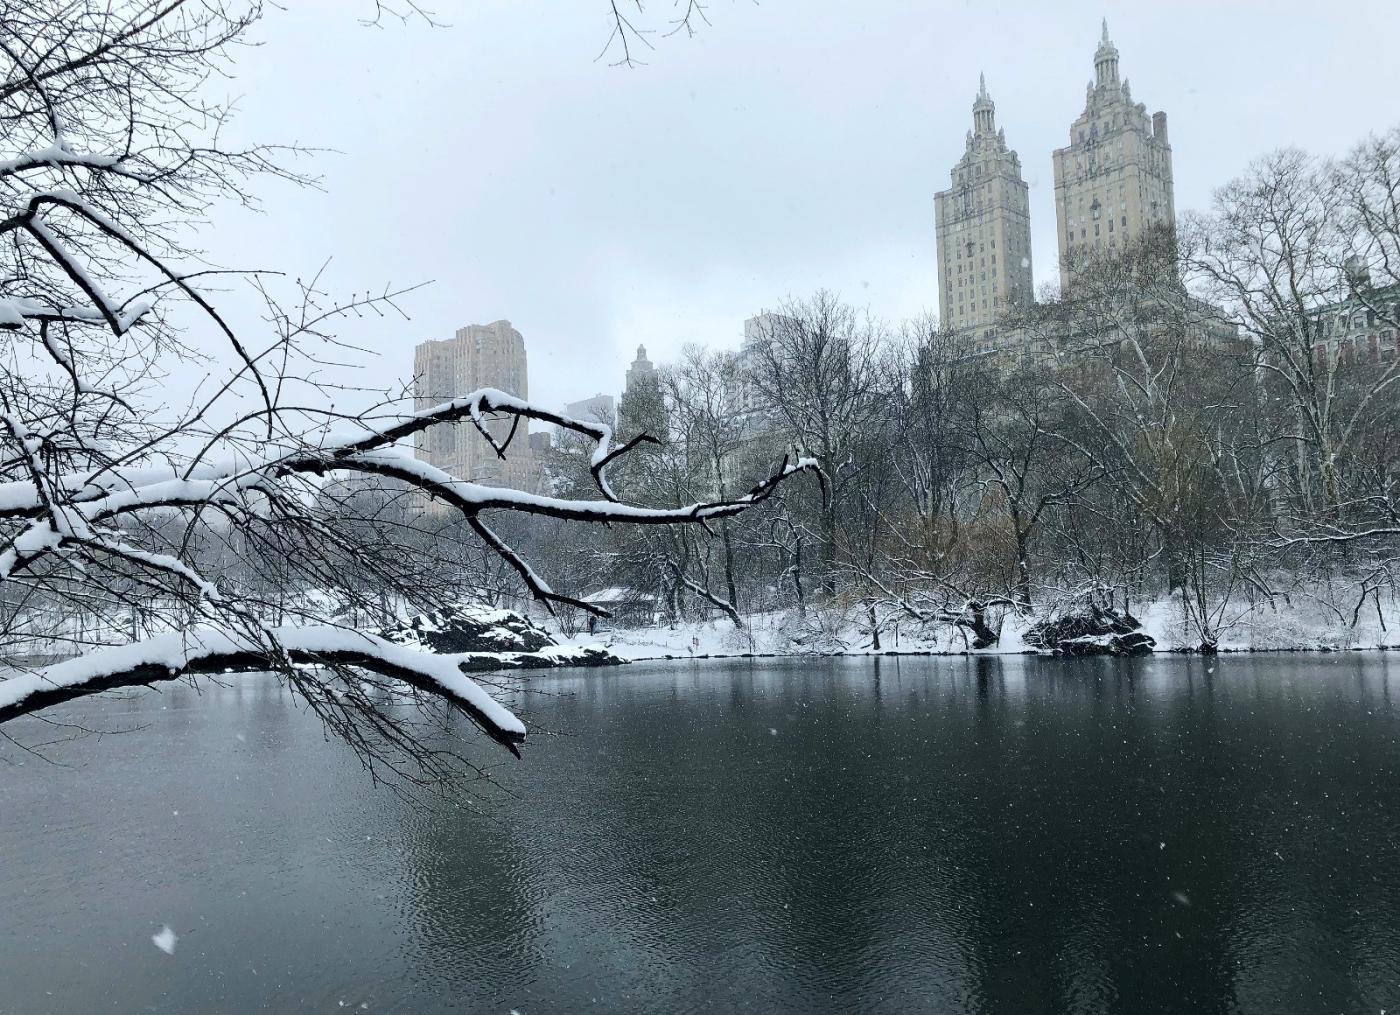 【田螺手机摄影】在纽约市拍雪景、还是中央公园最漂亮_图1-13